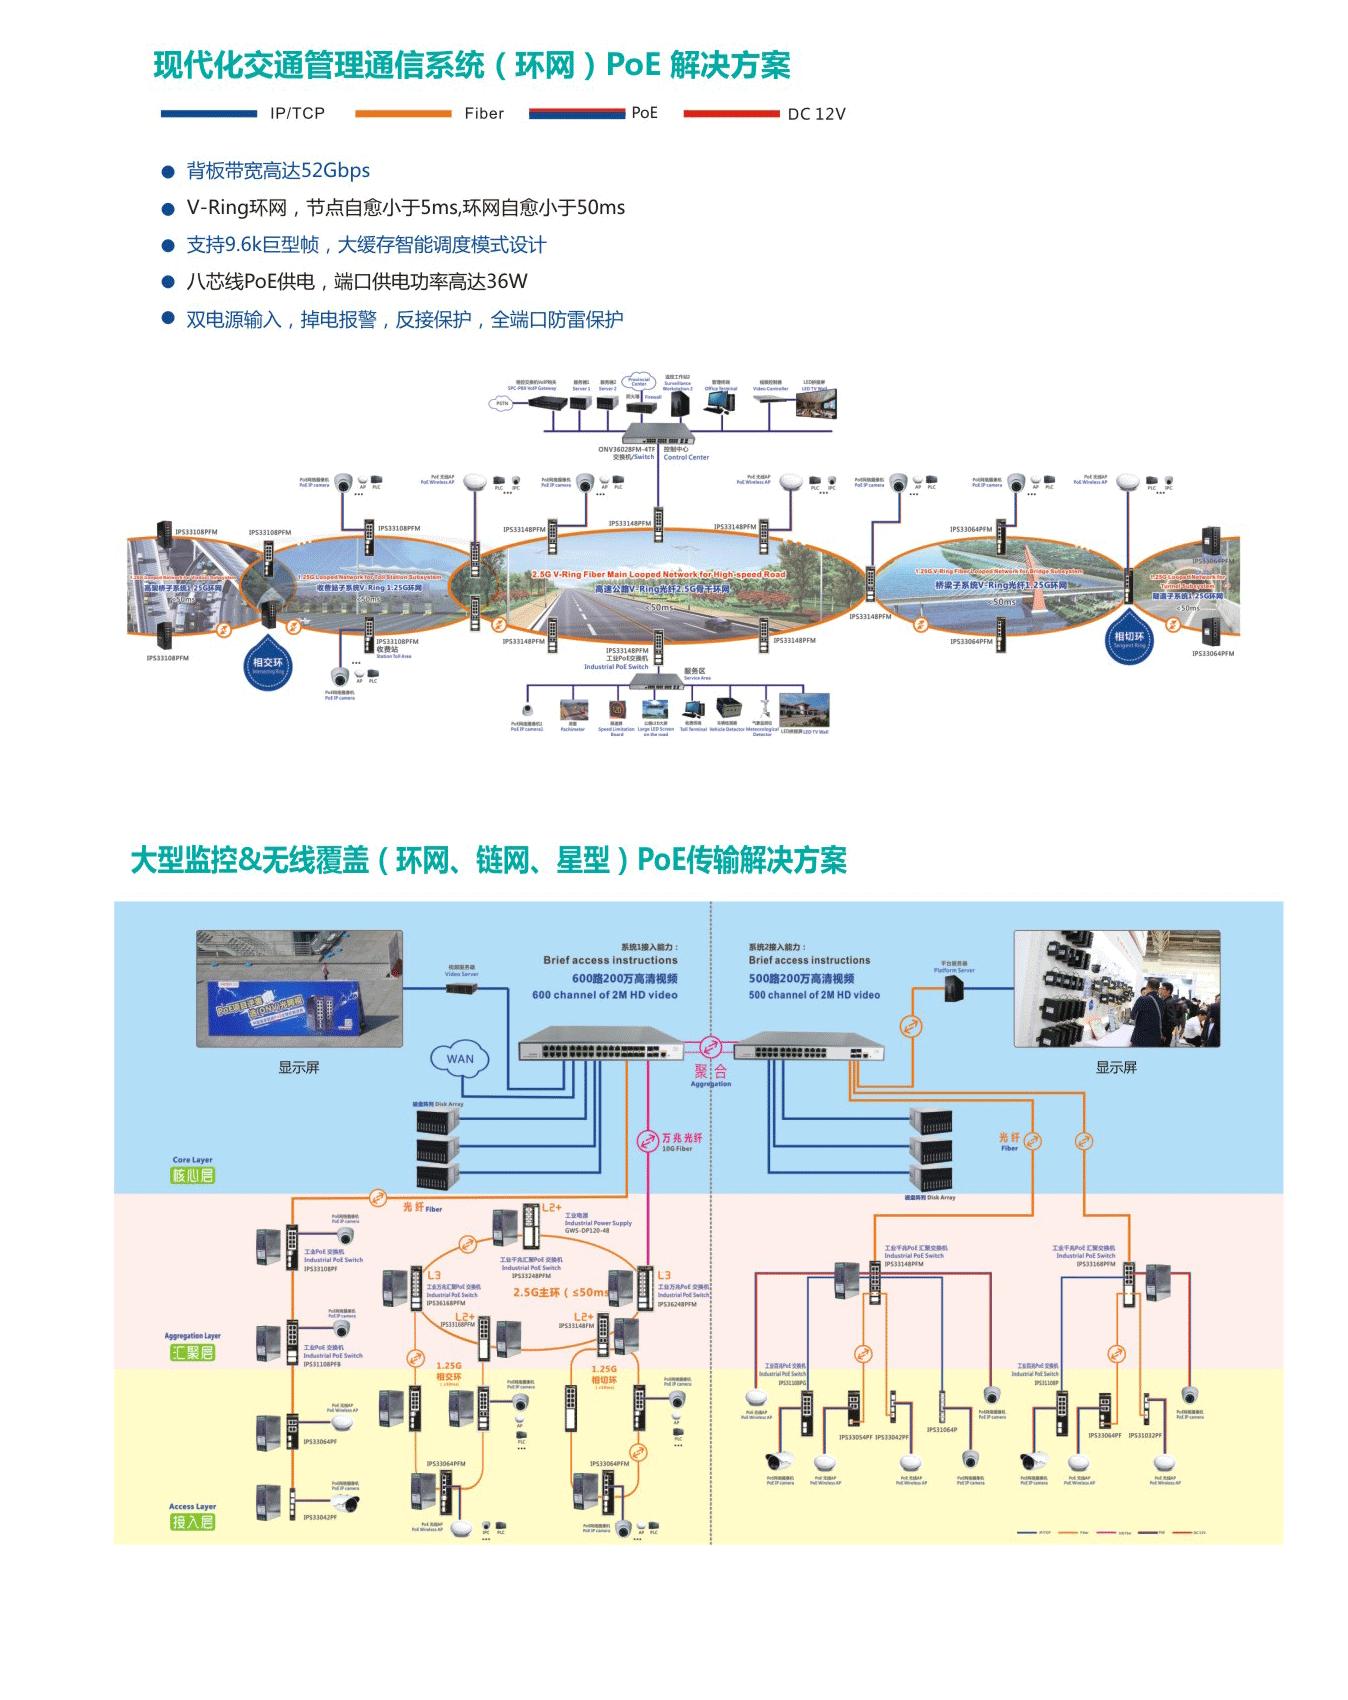 现代化交通管理通信系统(环网)POE解决方案